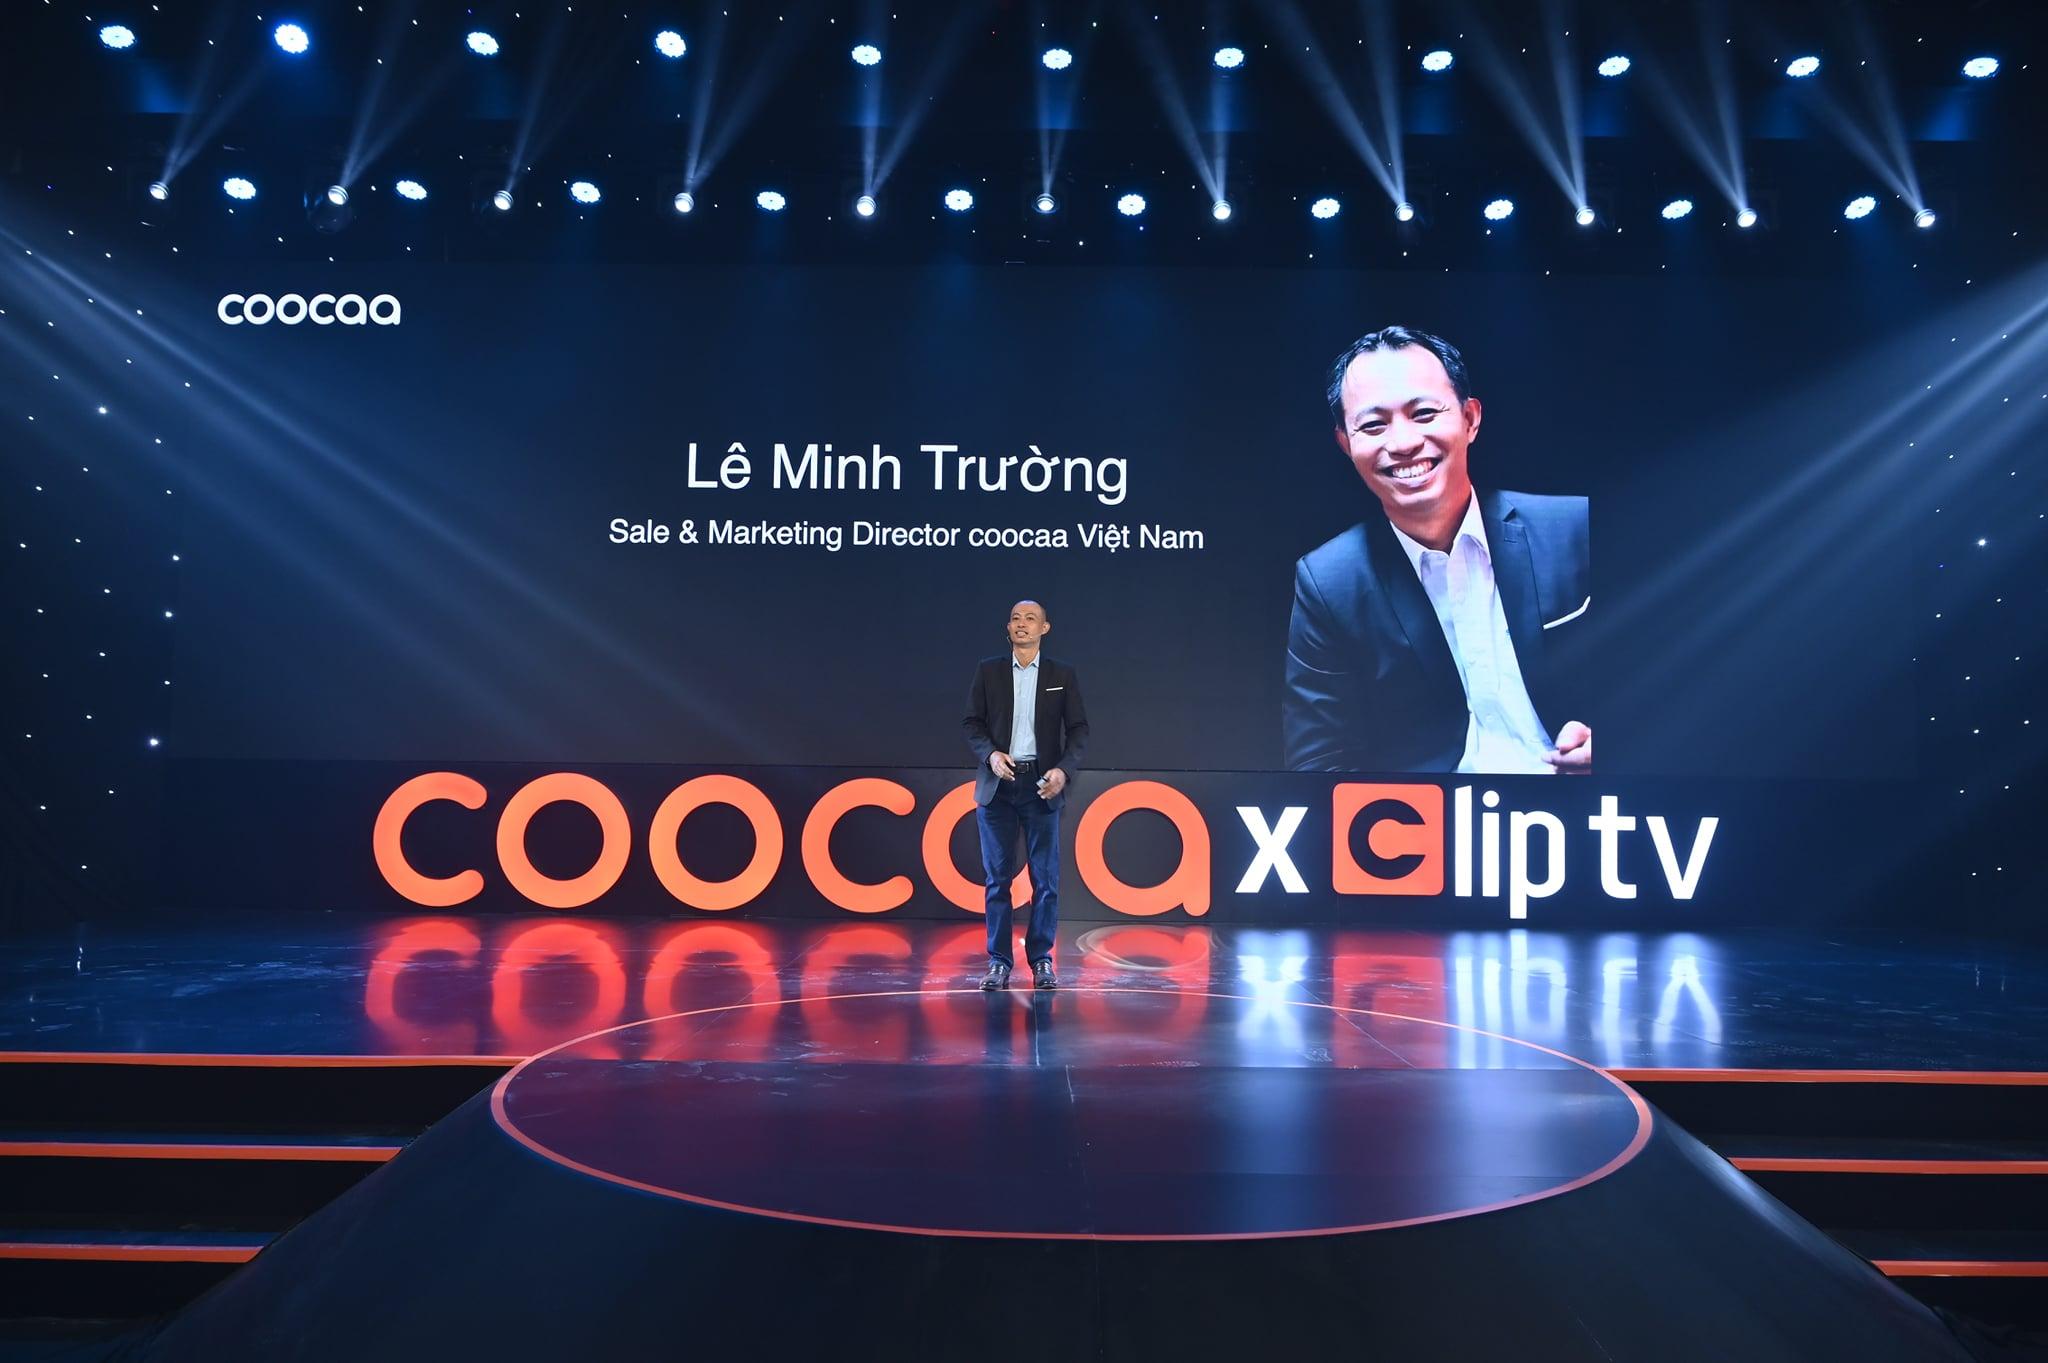 Sự kiện họp báo - Tivi thương hiệu kép chính thức phát hành